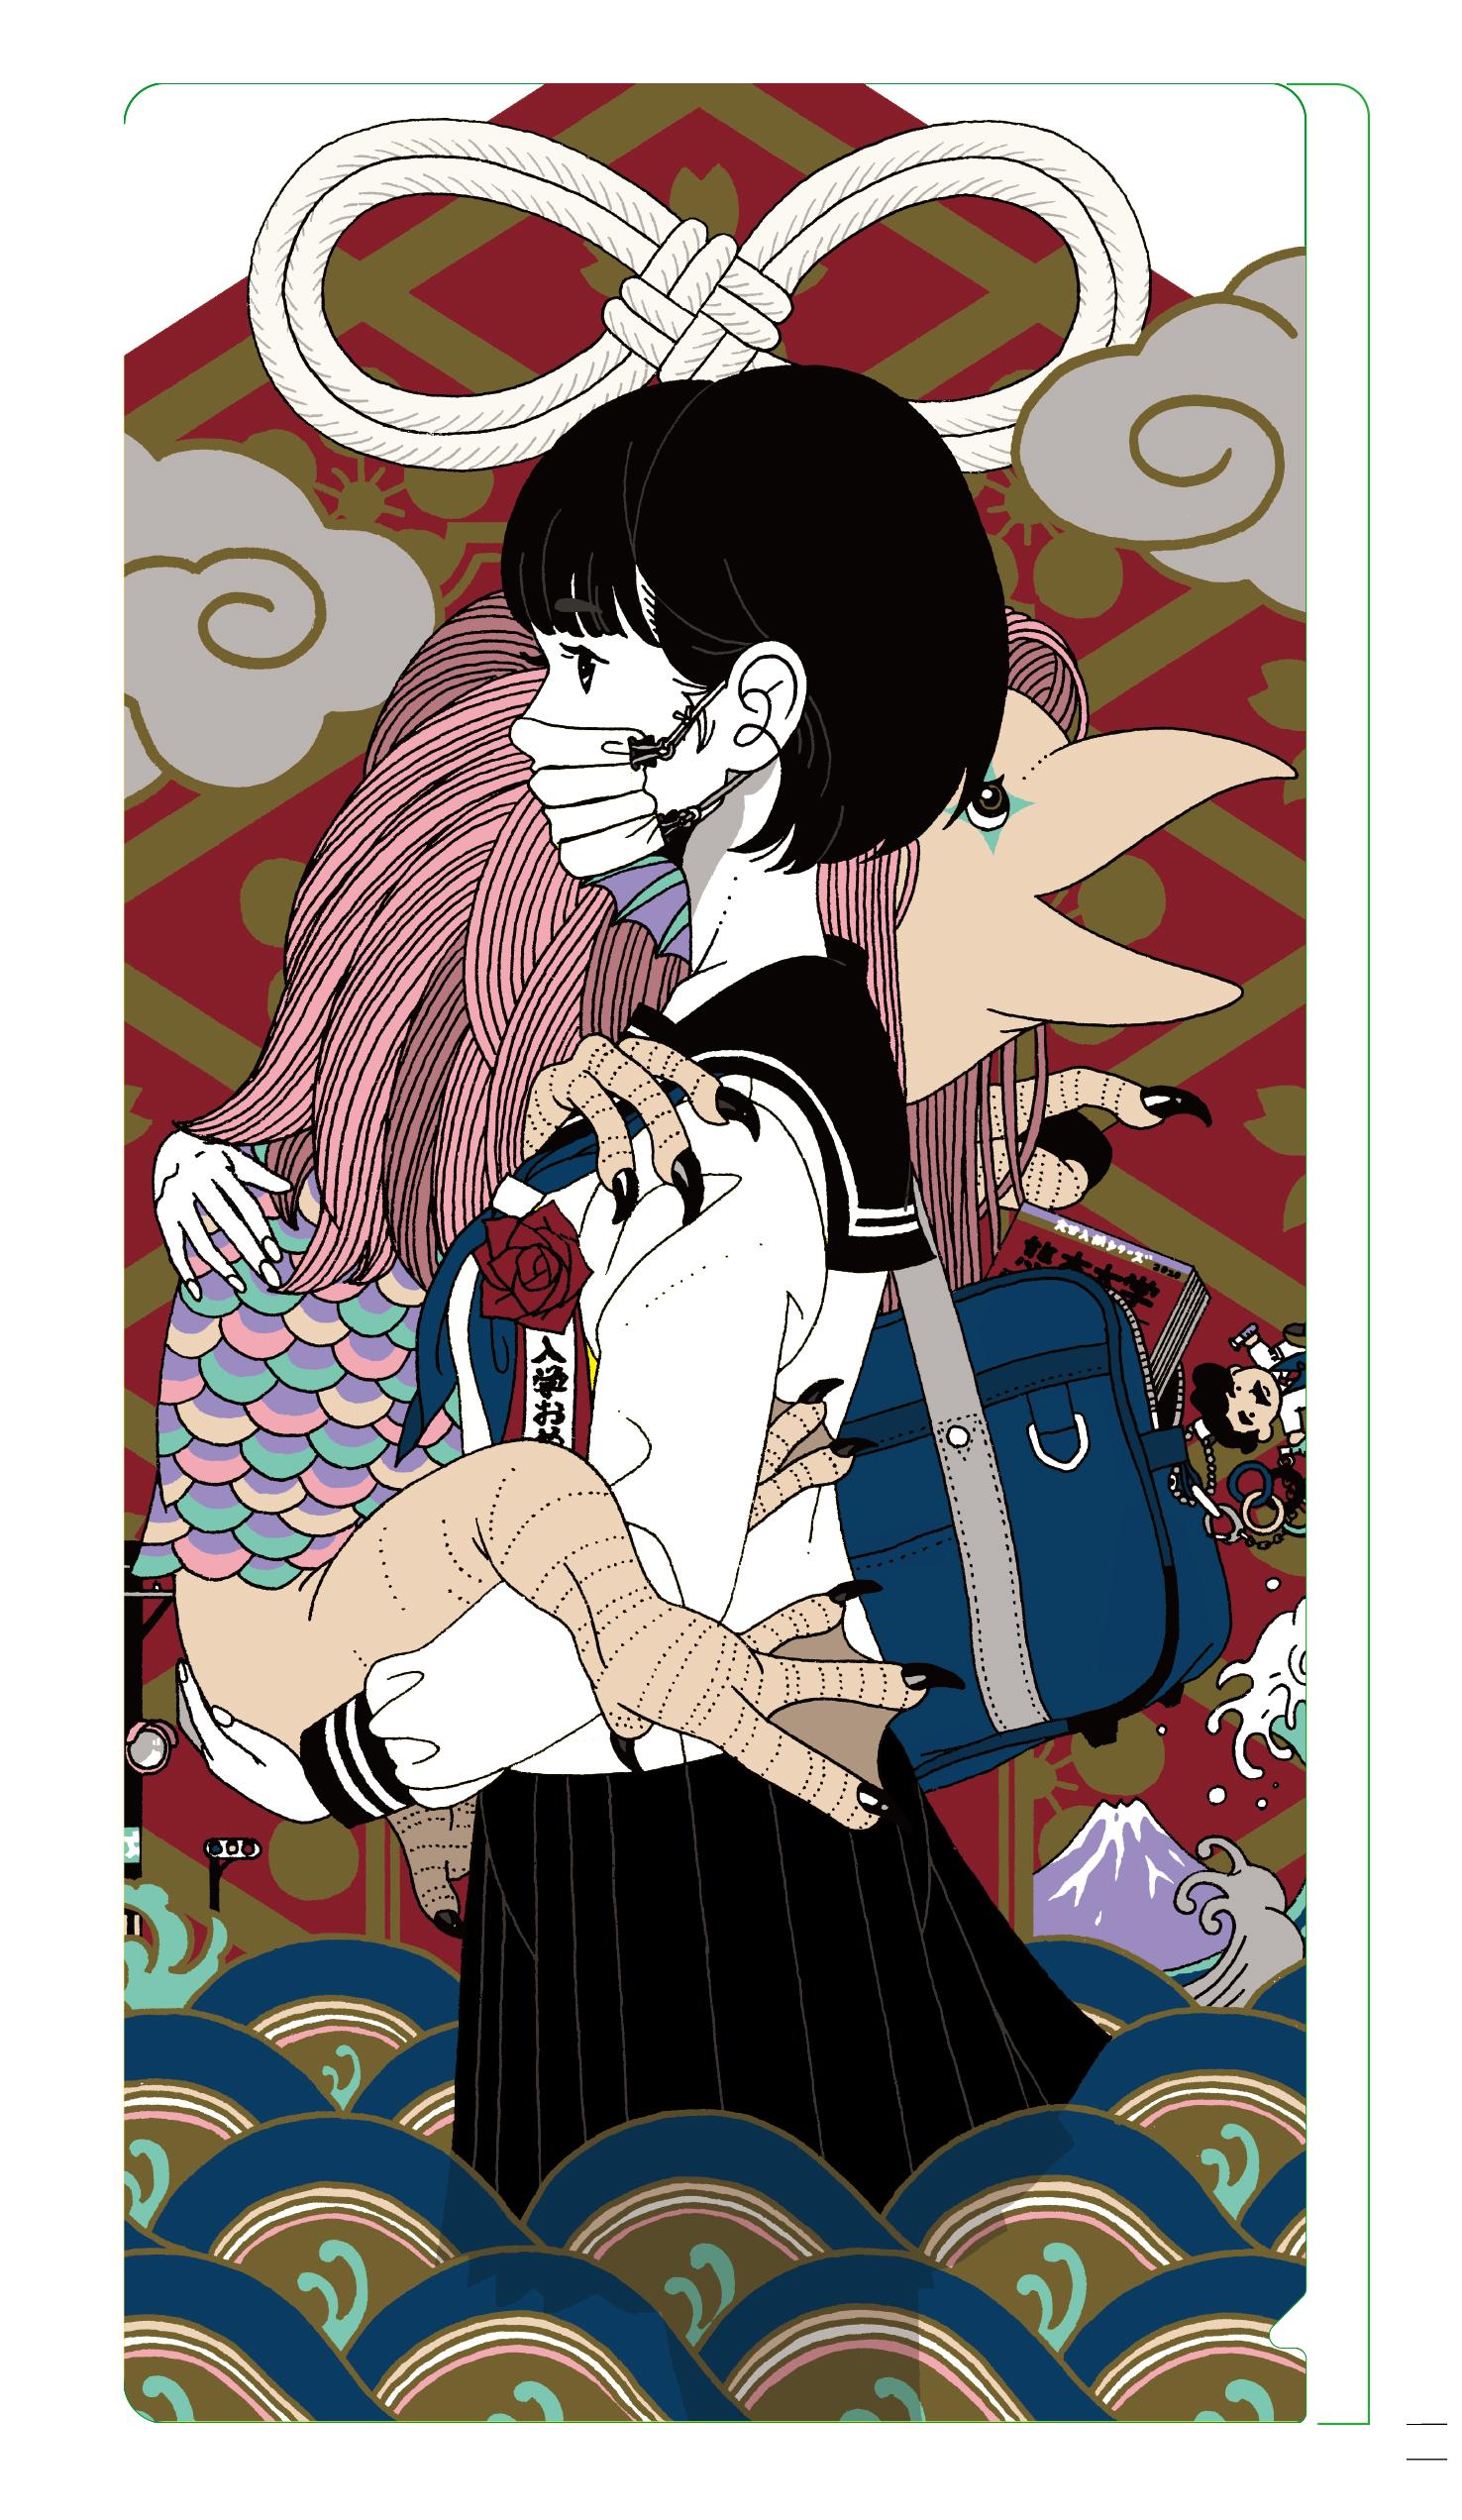 入館者特典「オリジナルマスクケース」 イメージ (実際とは異なる場合があります) (C)Yusuke Nakamura